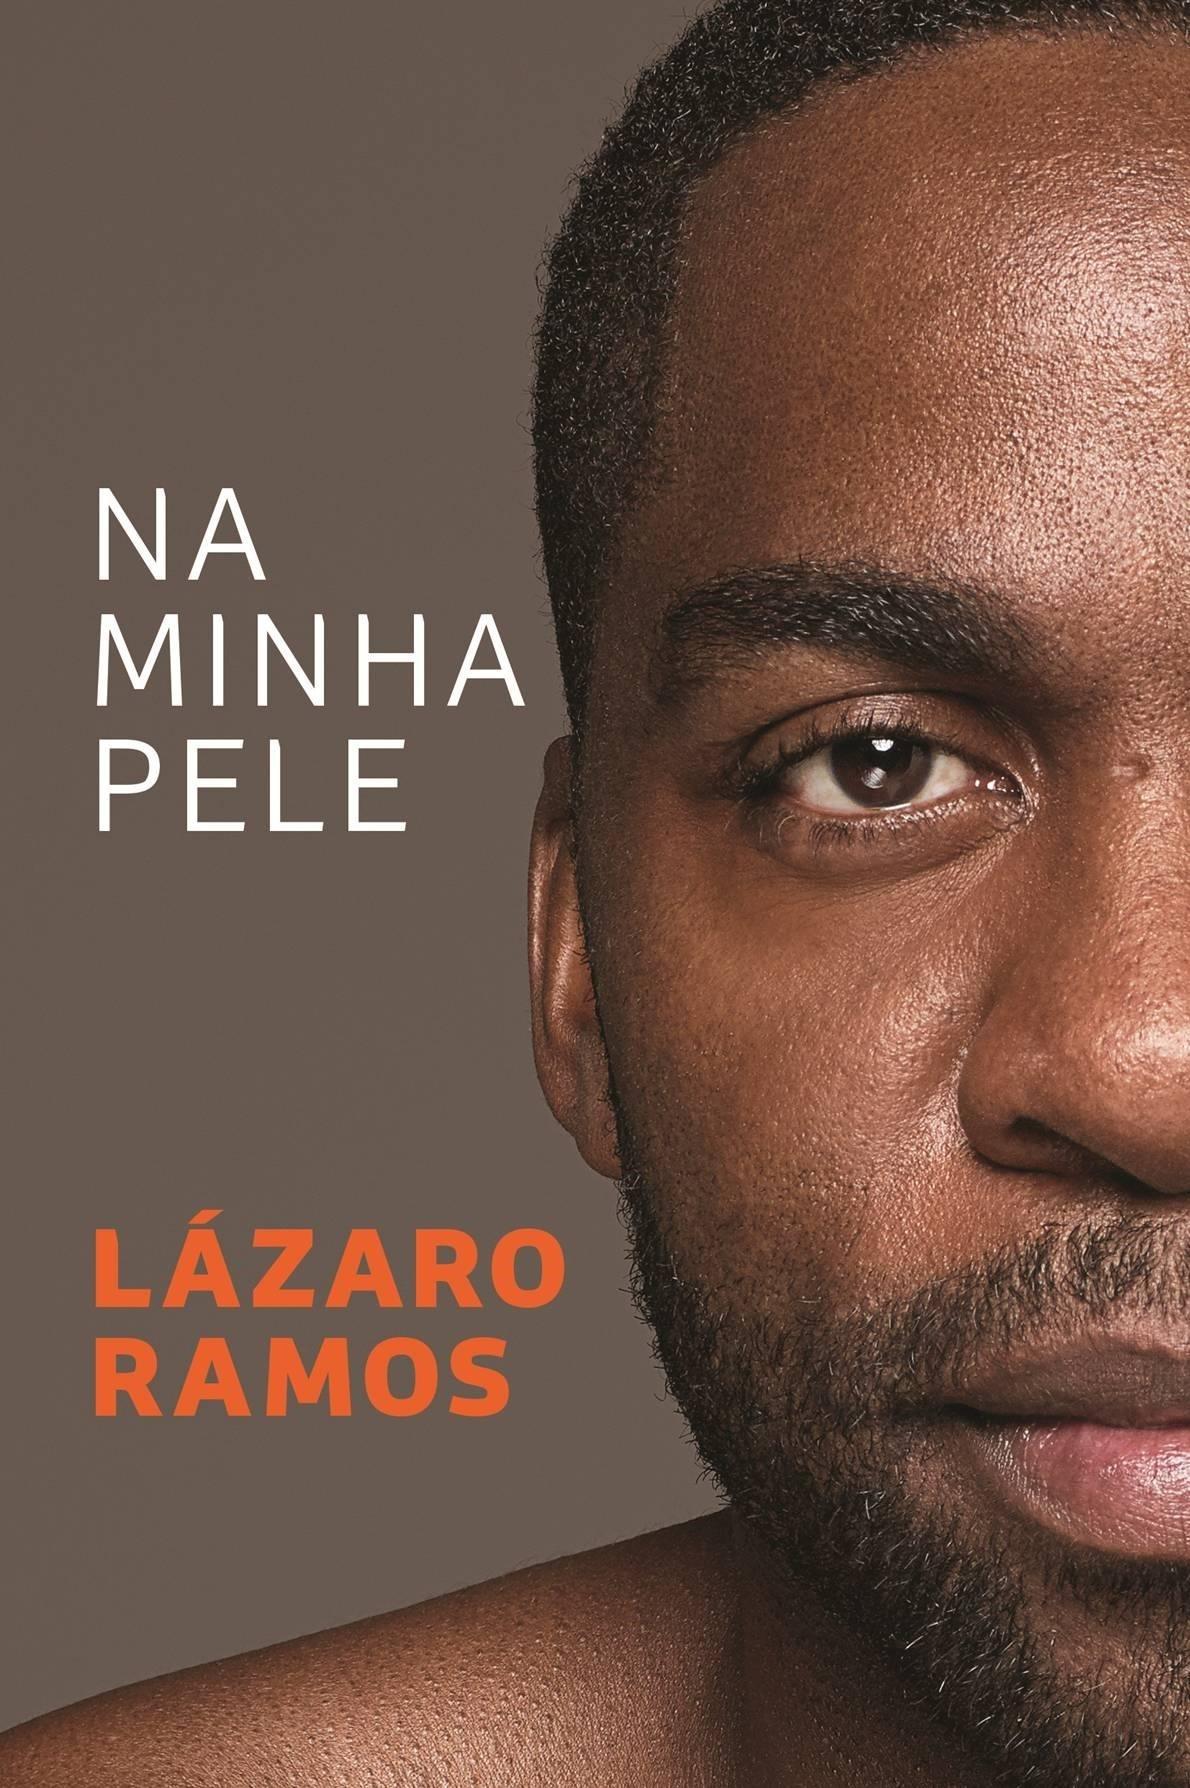 A capa do livro de Lázaro Ramos